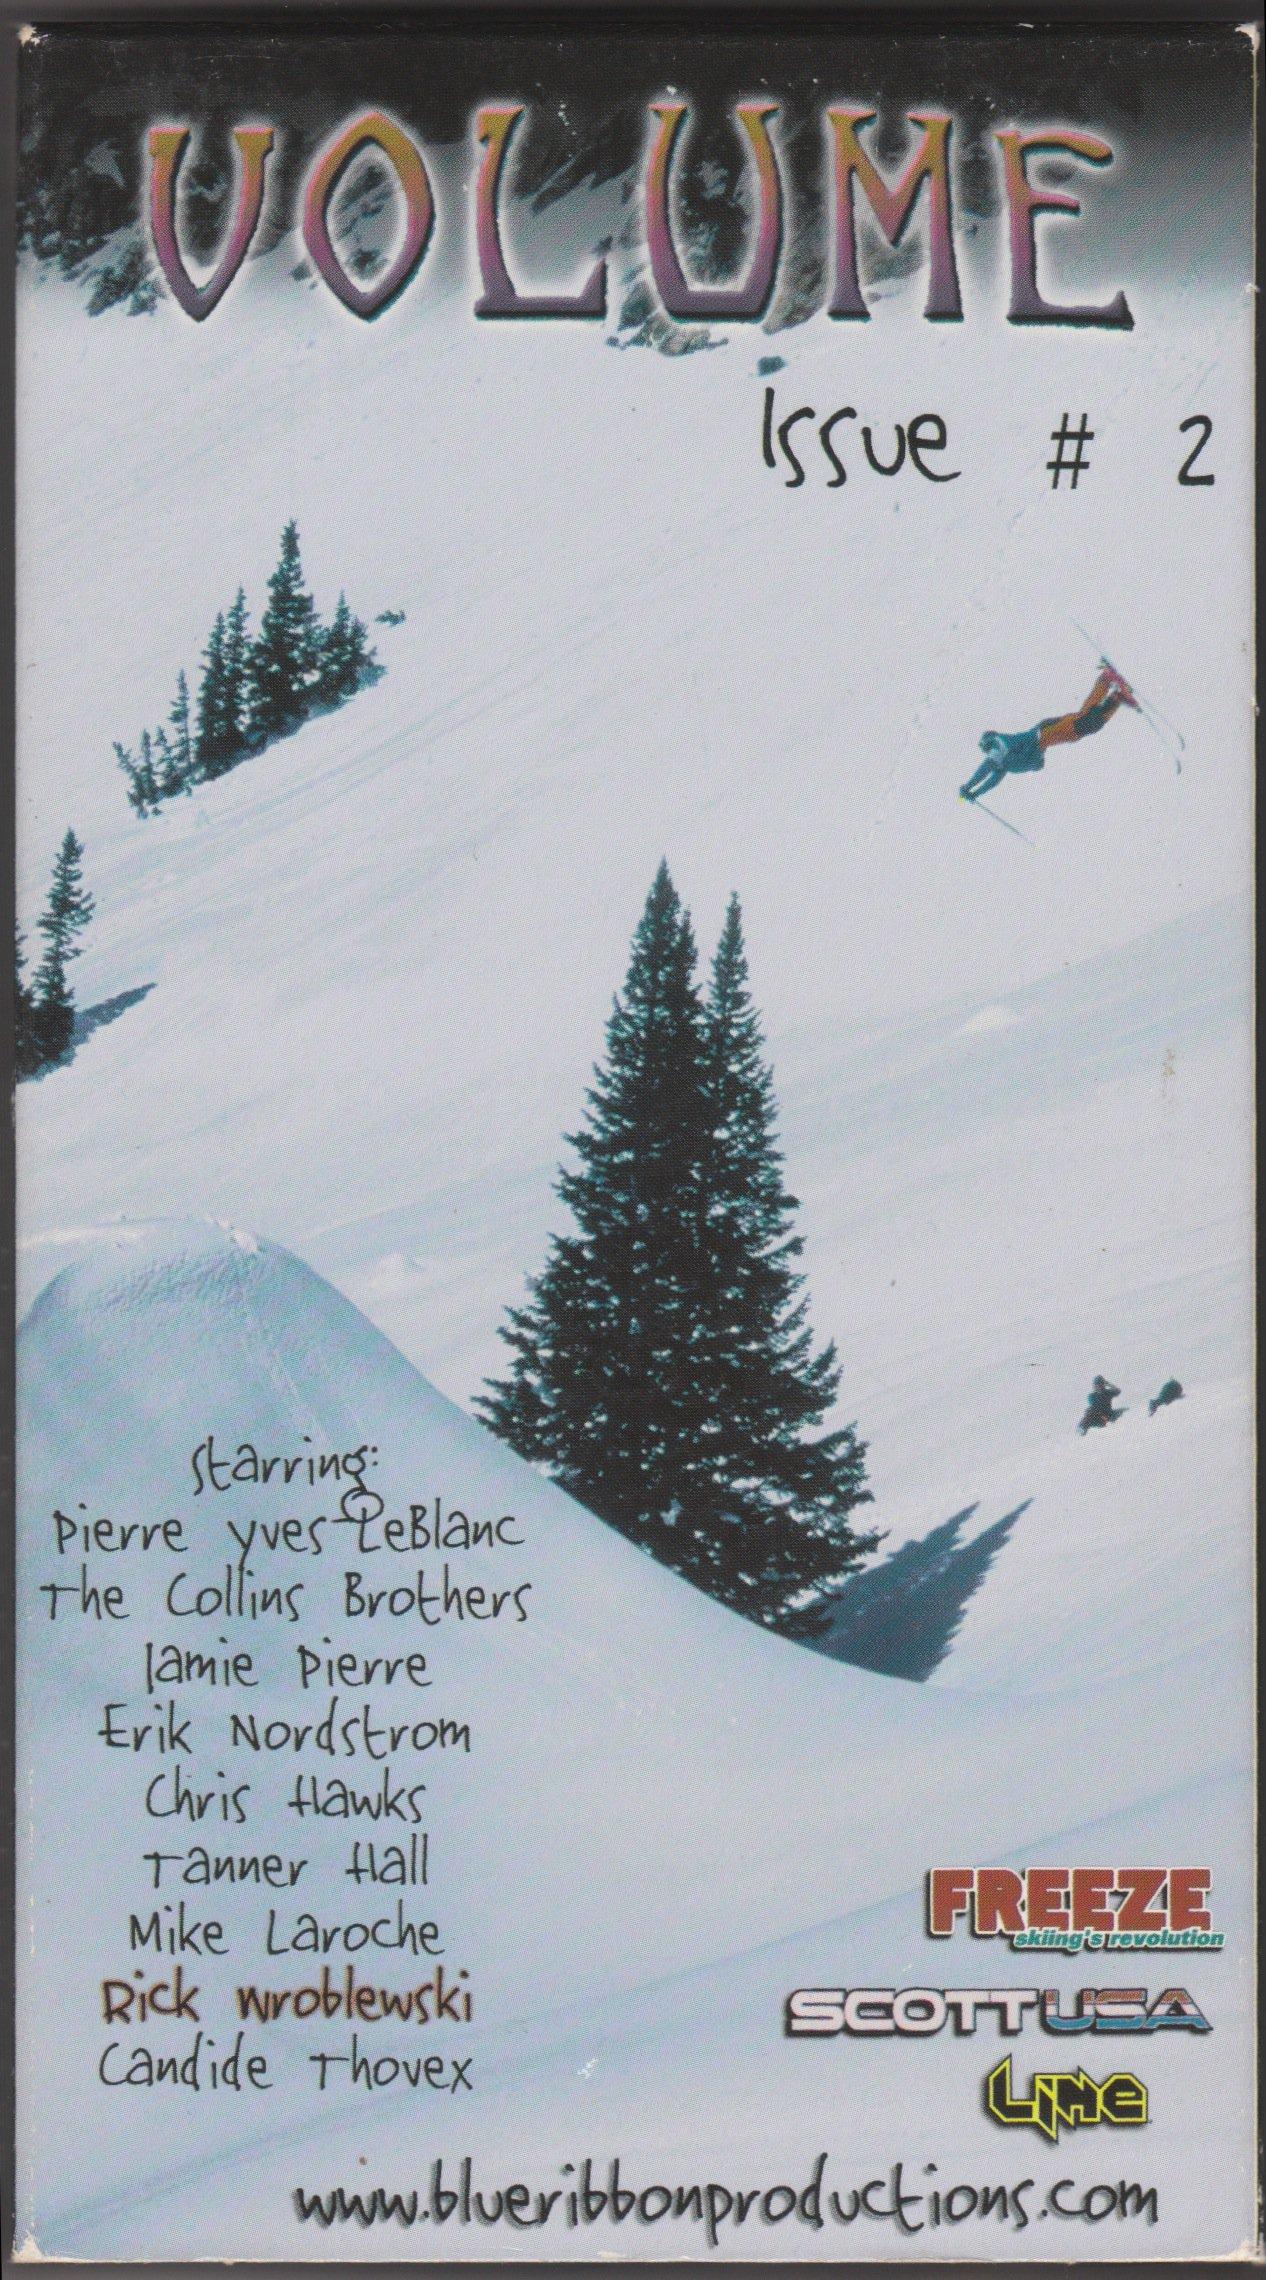 Volume Video Magazine - Issue #2 (2000)